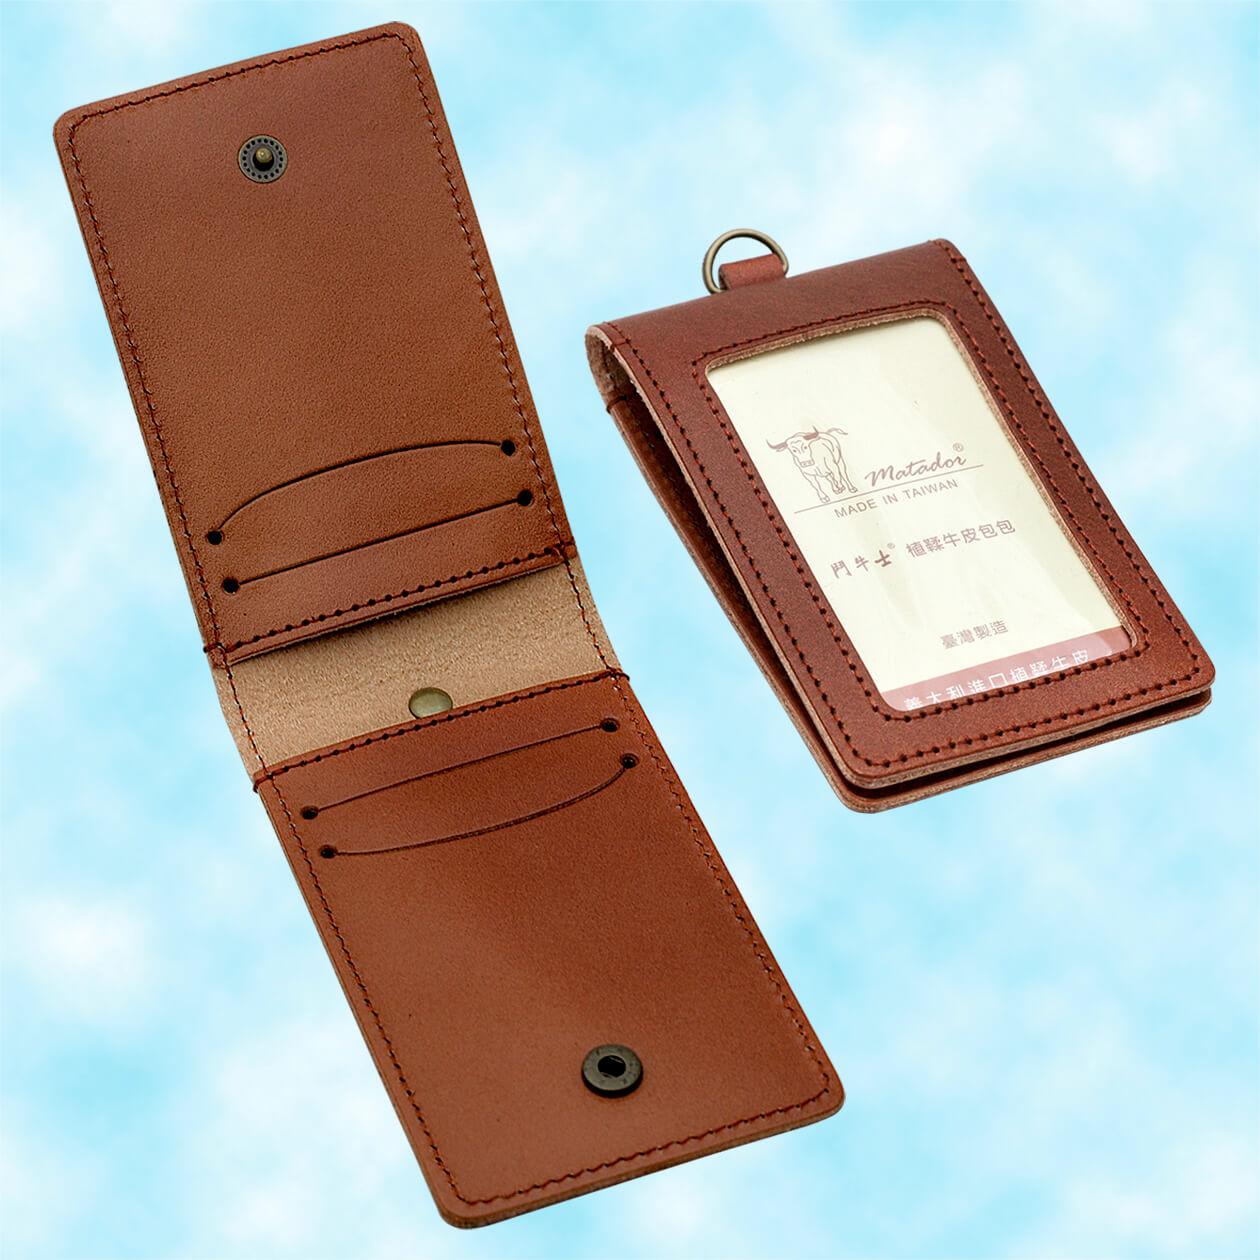 直式皮夾識別證套/植鞣牛皮識別證套/植鞣牛皮證件套/植鞣牛皮票卡夾  6071R-手工染色